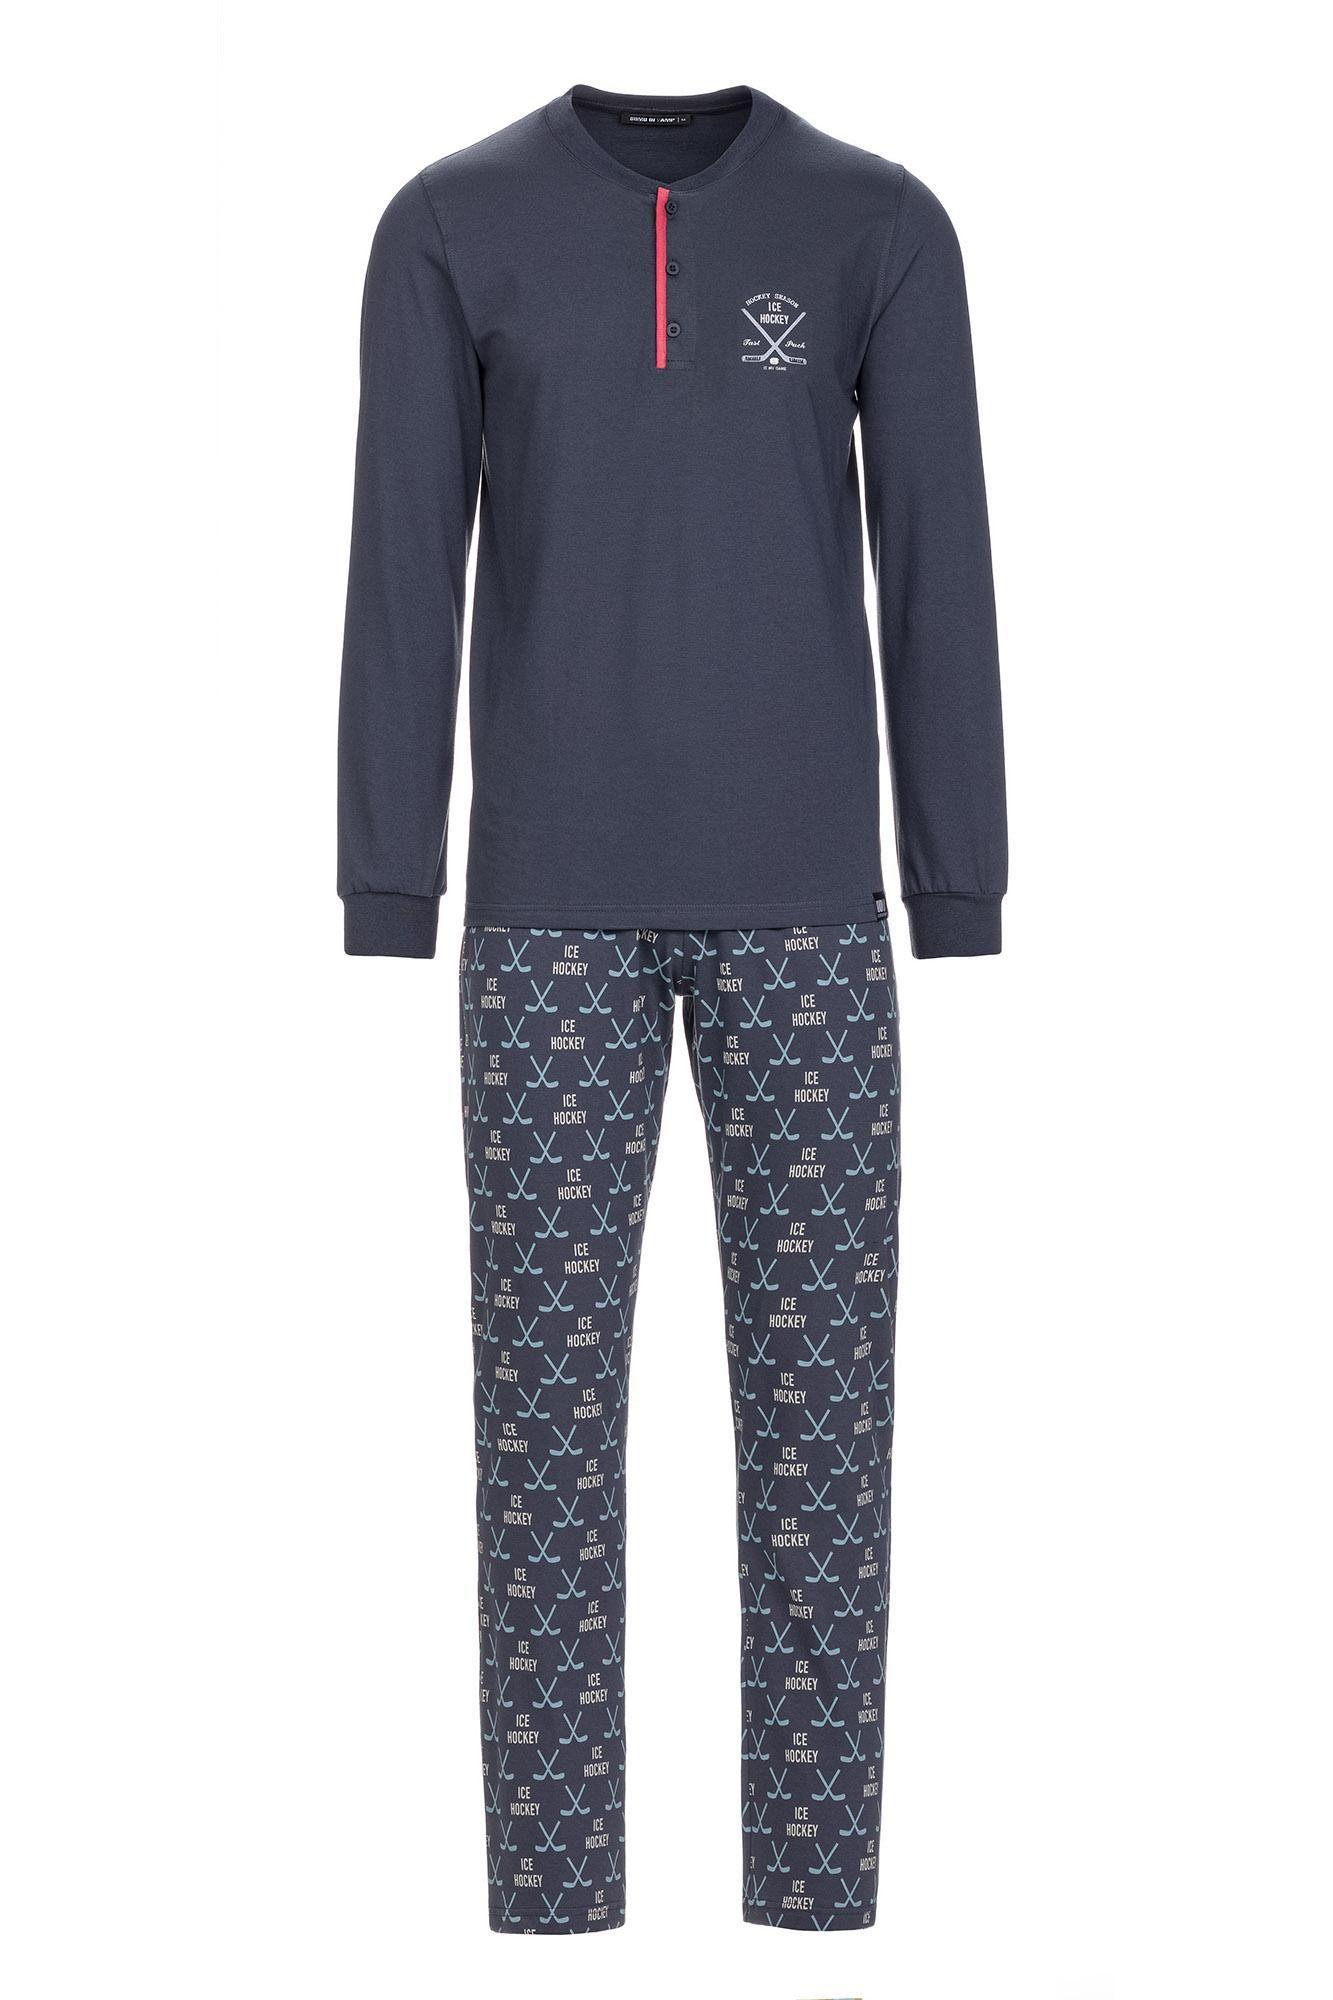 Men's Cotton Pyjamas with Button Placket